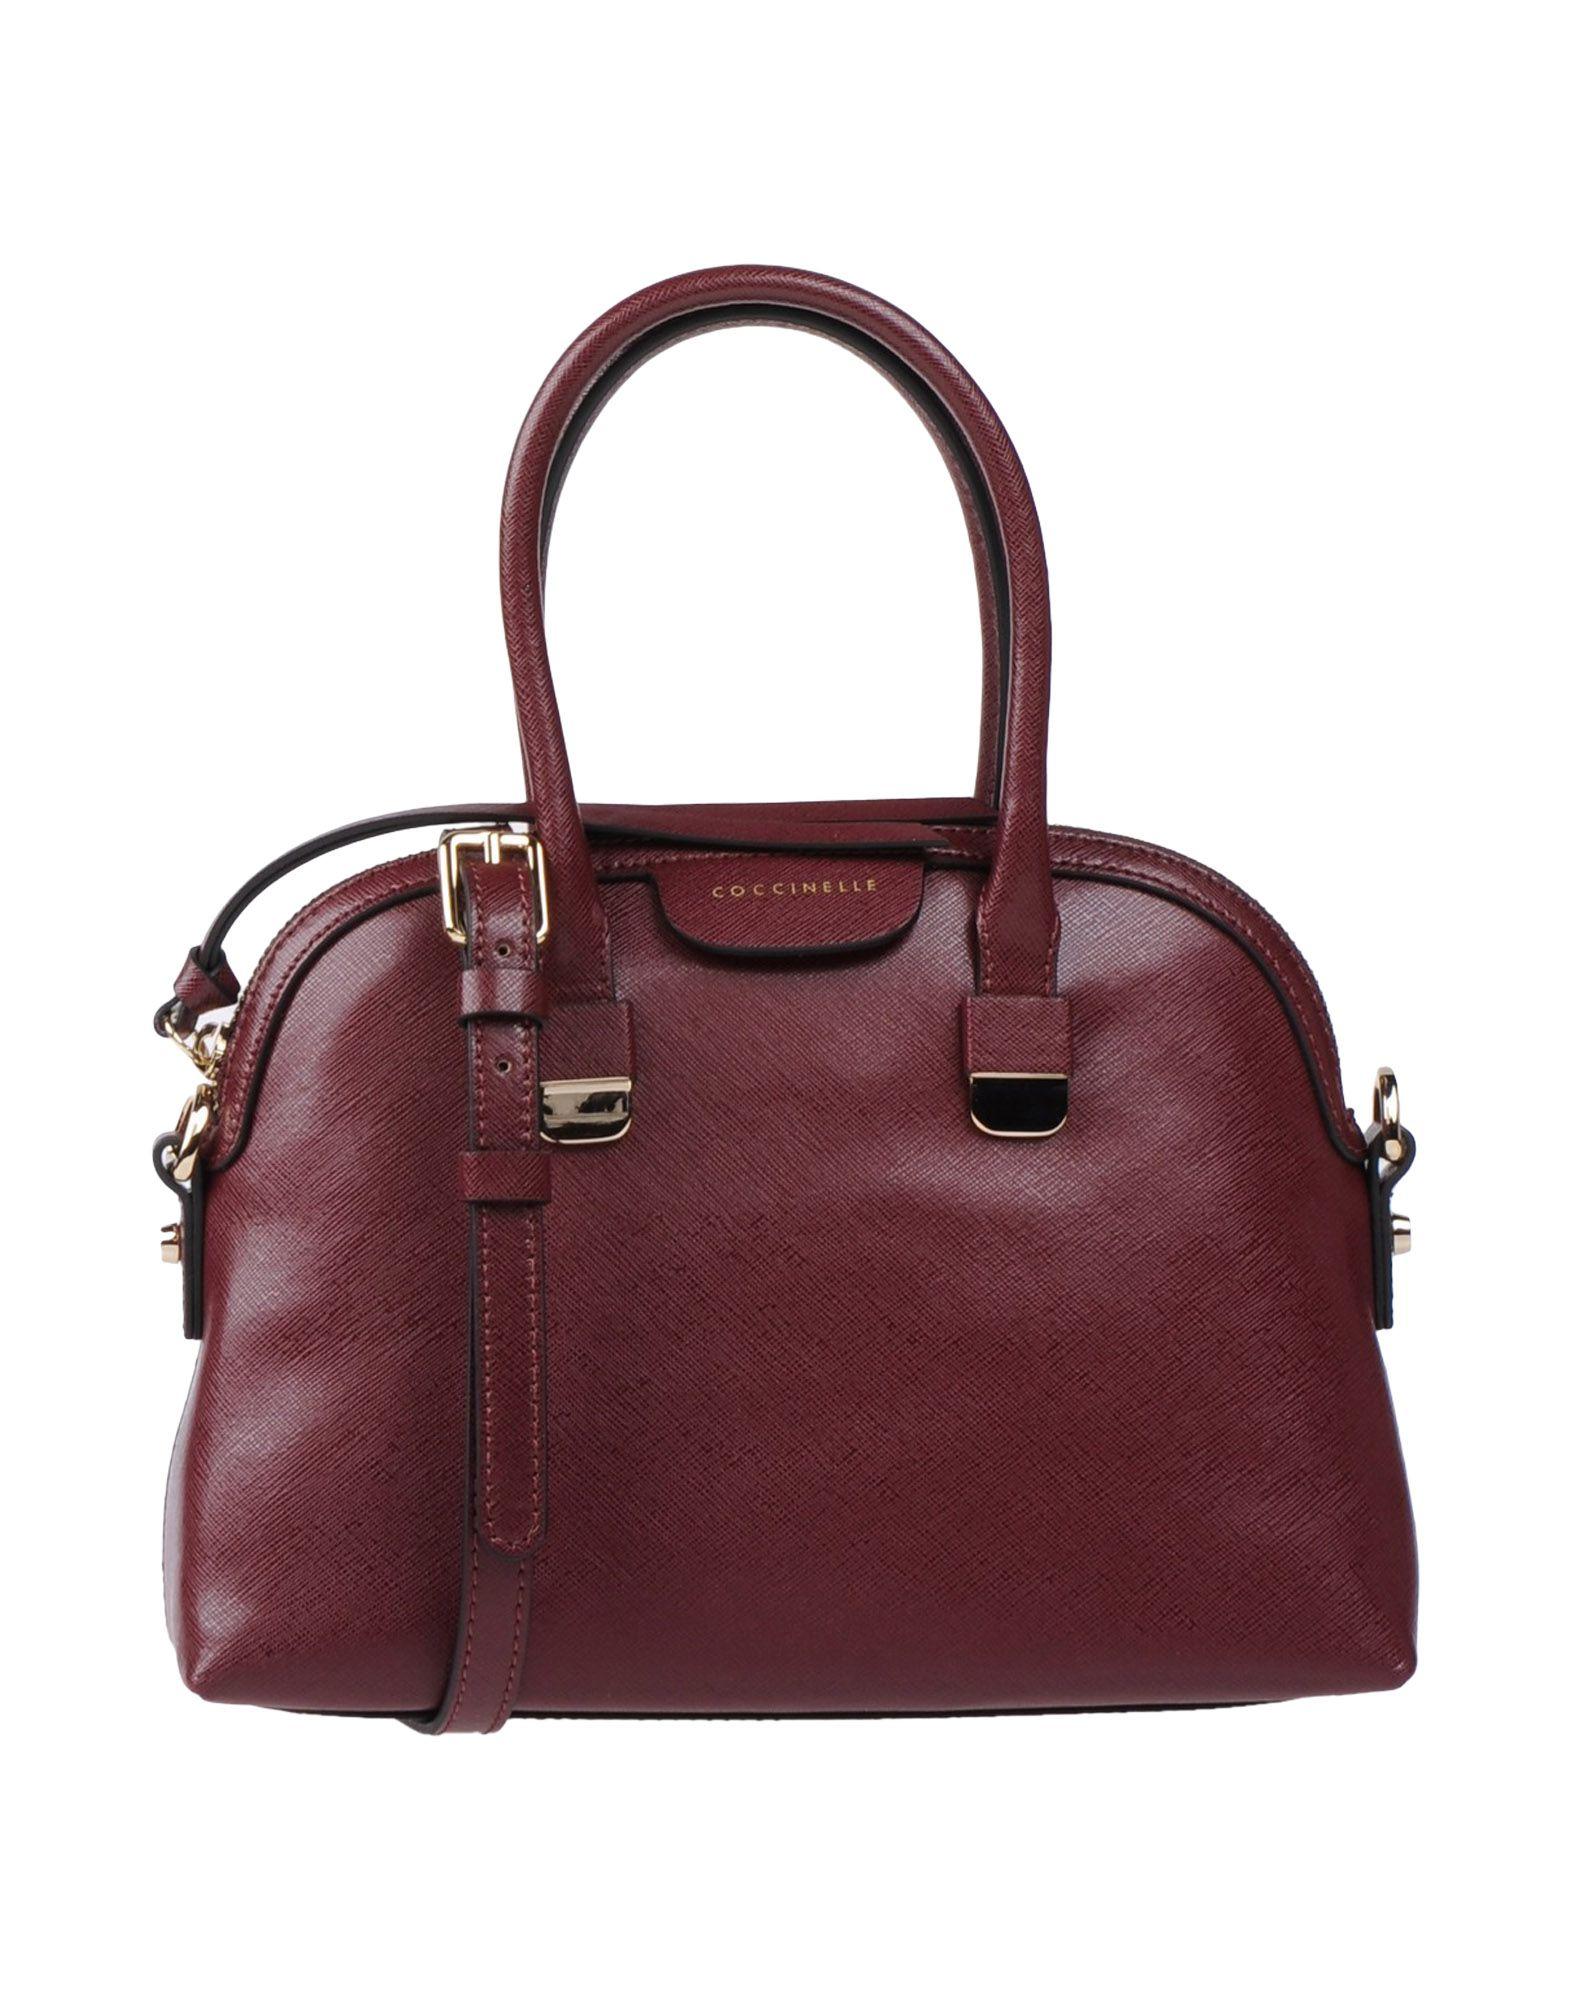 COCCINELLE Damen Handtaschen Farbe Pflaume Größe 1